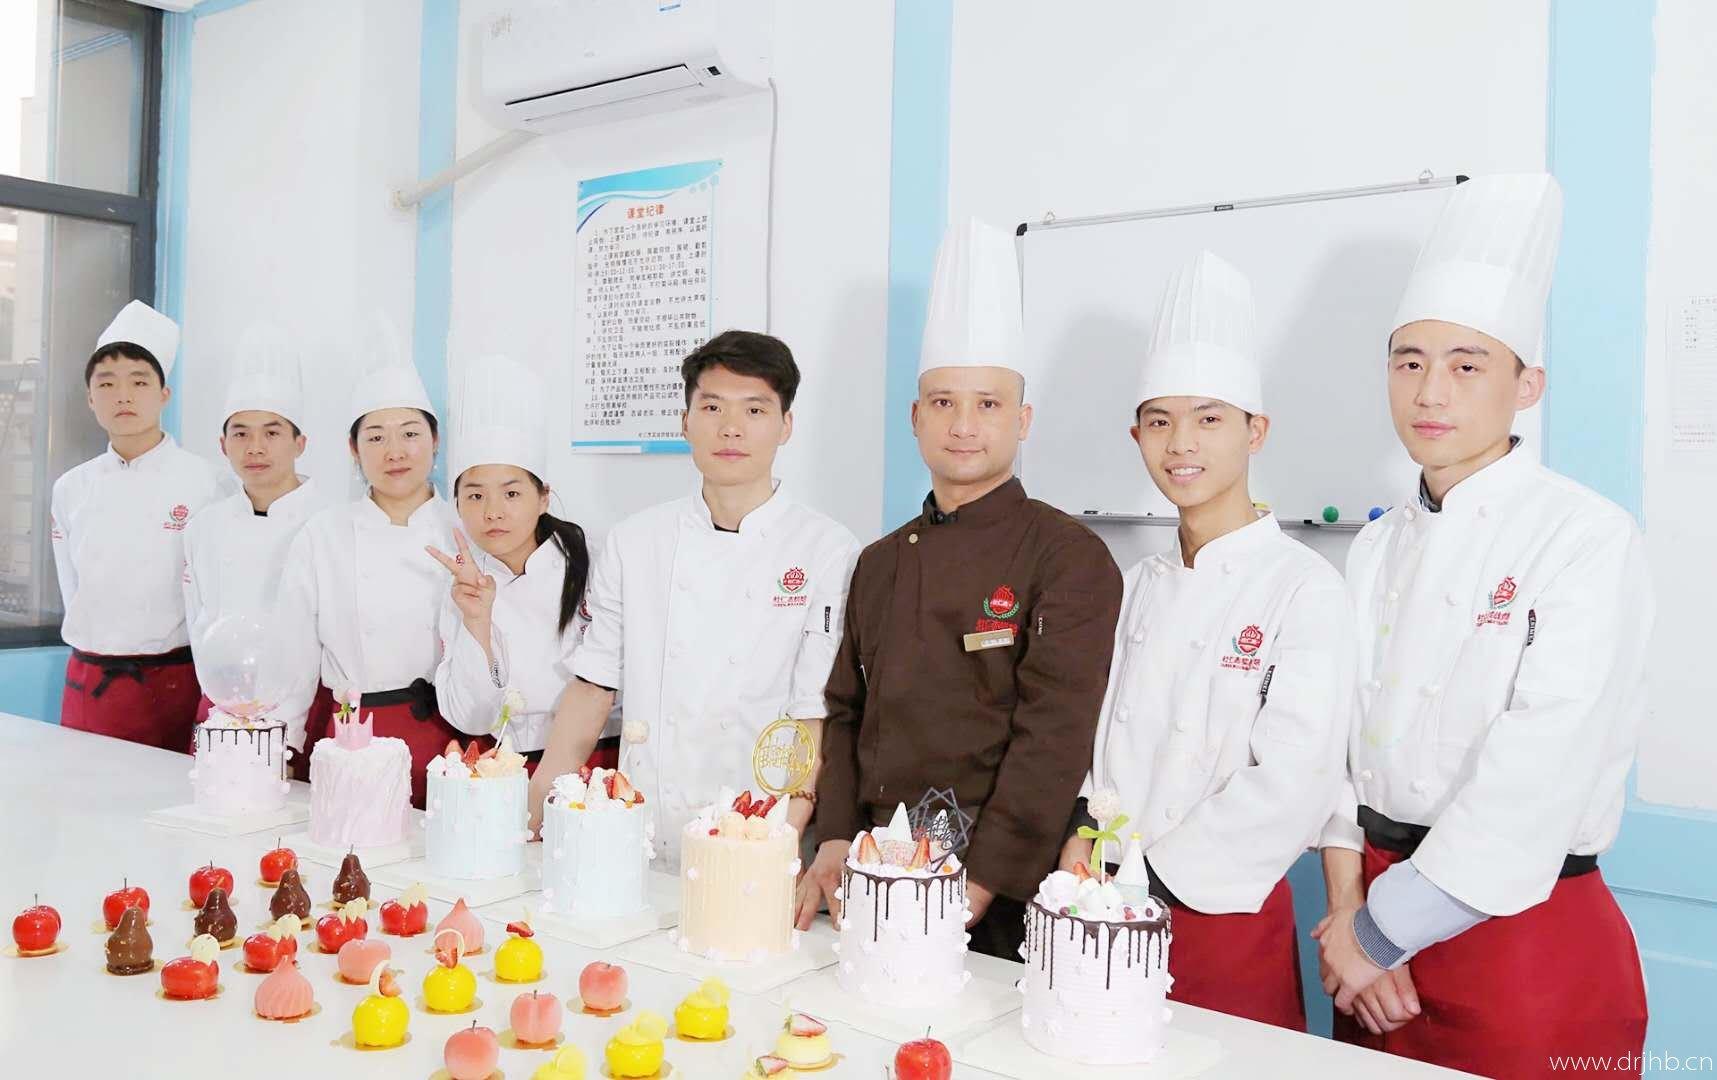 烘焙开店创业培训-杜仁杰名师传授西点蛋糕面包技术